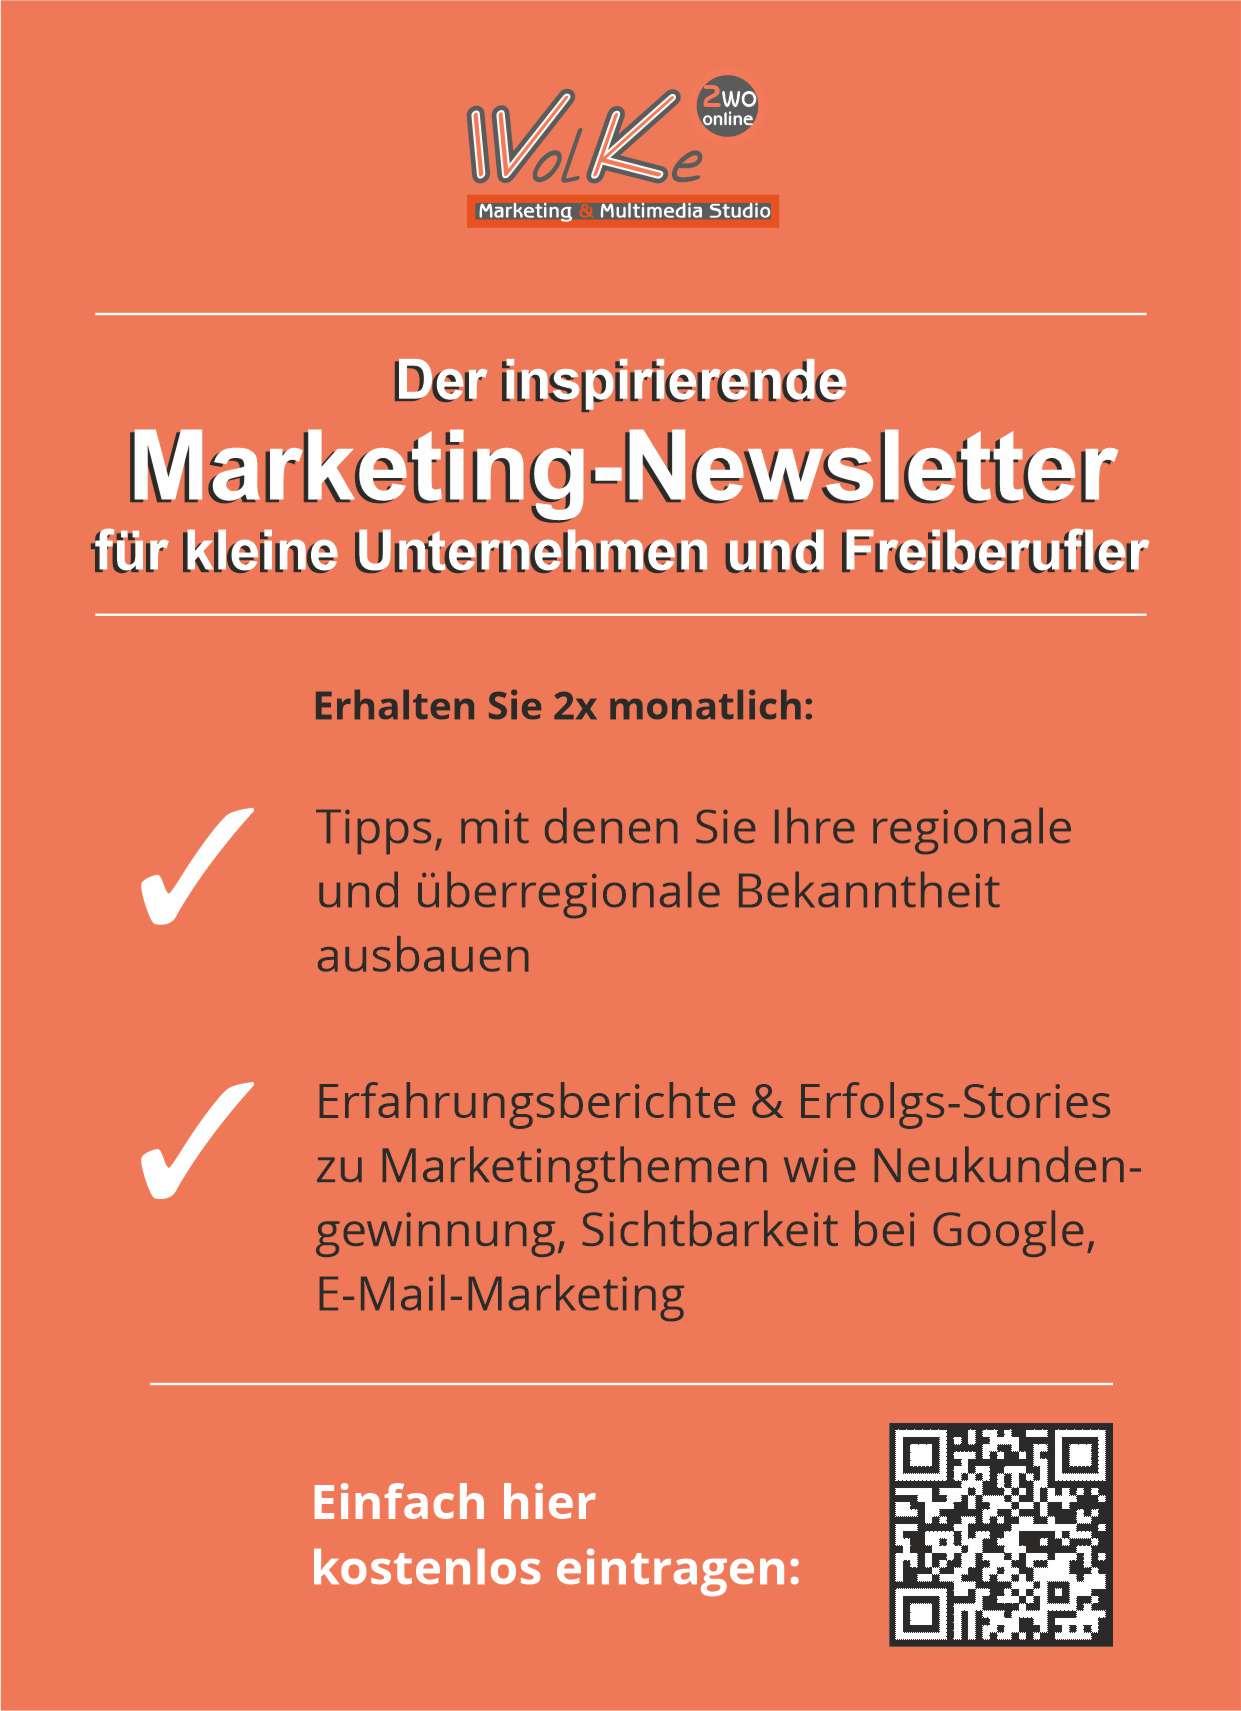 Postkarten für Newsletteranmeldung nutzen